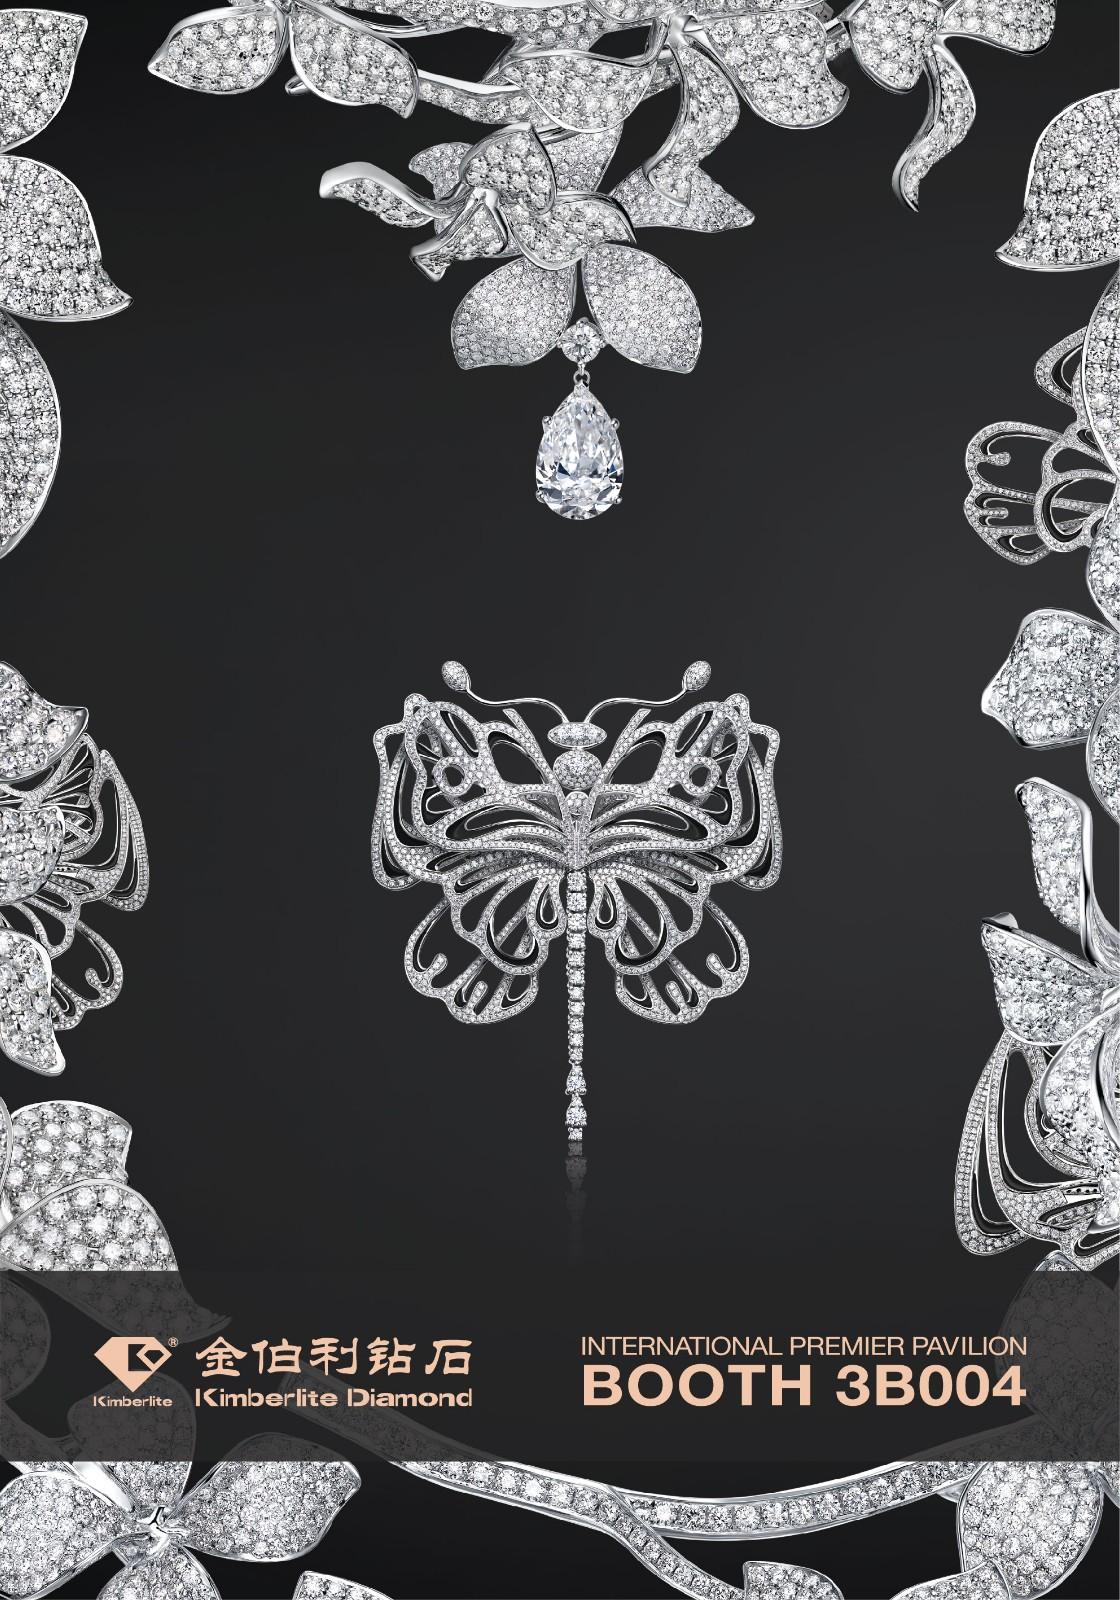 金伯利钻石再度惊艳亮相香港顶级珠宝展